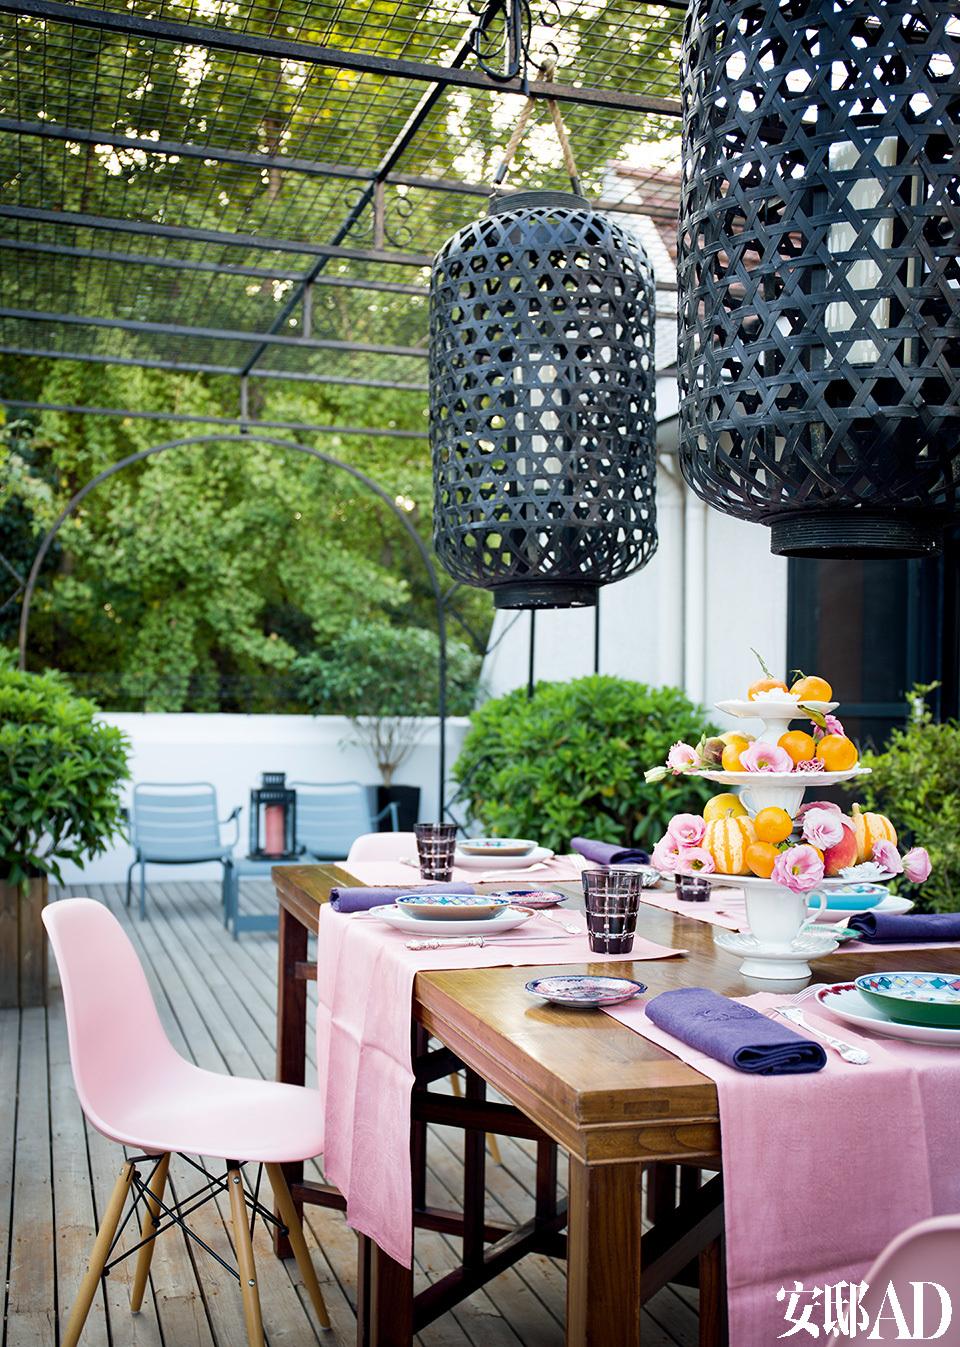 露台四周绿树掩映,举办朋友聚会的时候,这里人气最旺。布置餐桌是女主人的爱好,桌布、银器、餐具、餐巾、鲜花......各种道具组合拼接,其乐无穷。圆形花盘来自Spin,粉色餐椅来自Vitra,远处的灰色户外椅来自Fermob。